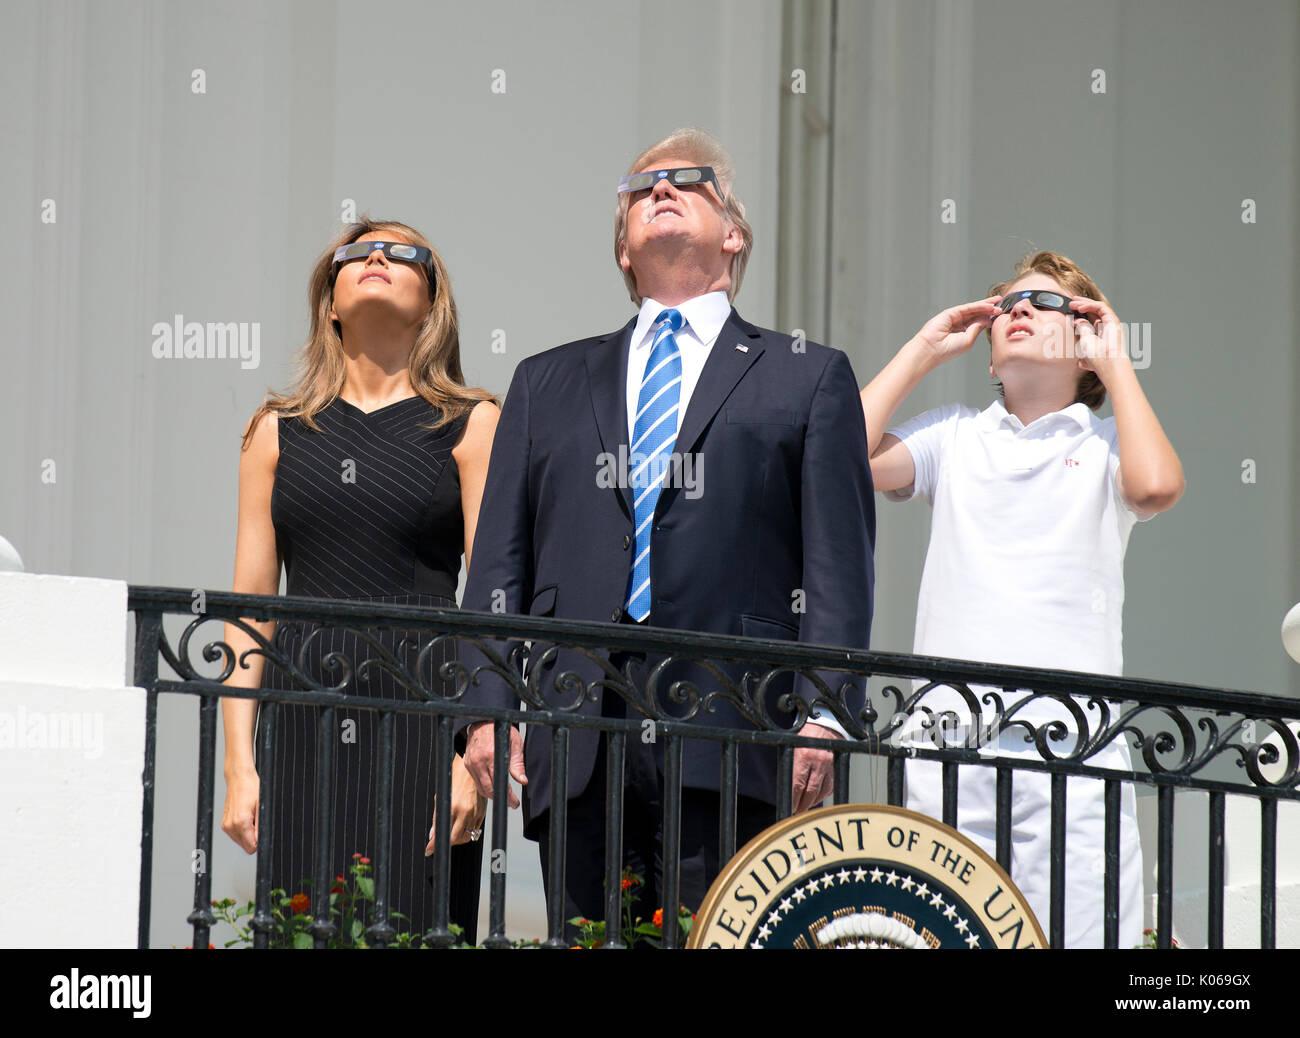 Präsidenten der Vereinigten Staaten Donald J. Trumpf, Mitte, begleitet von der ersten Dame Melania Trump, Links, Stockbild